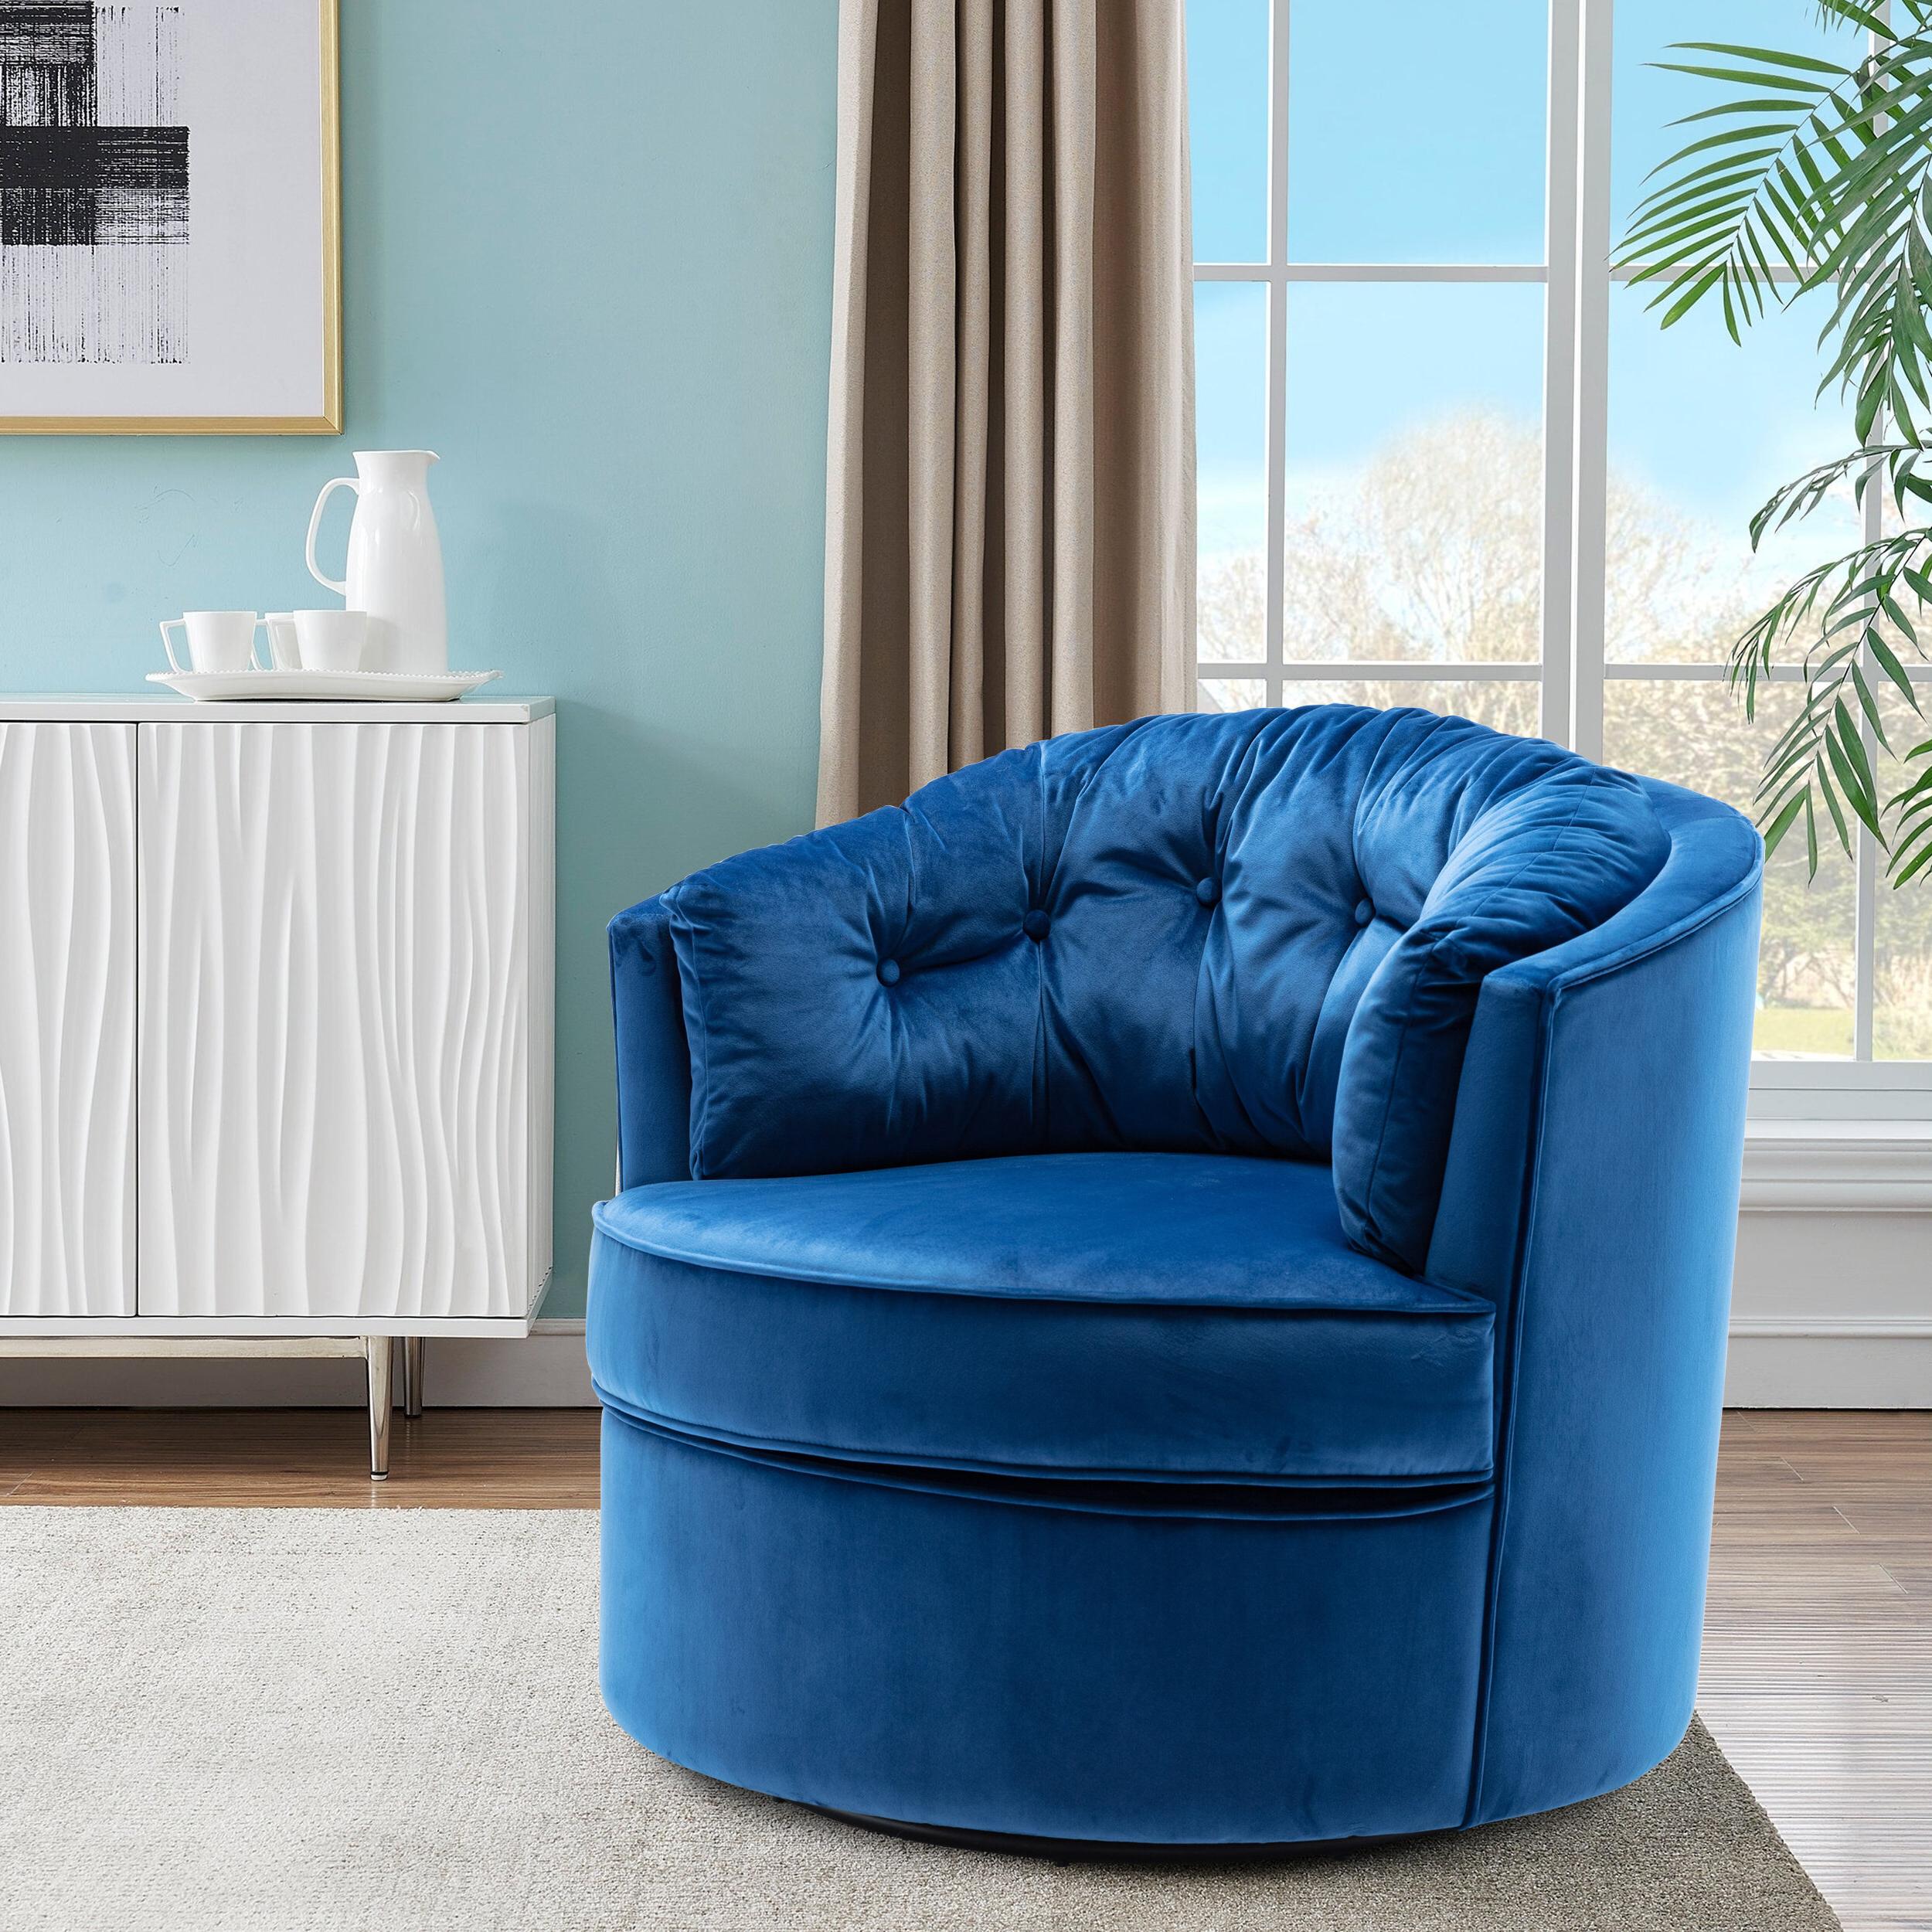 Wayfair Regarding Recent Danny Barrel Chairs (set Of 2) (View 8 of 20)